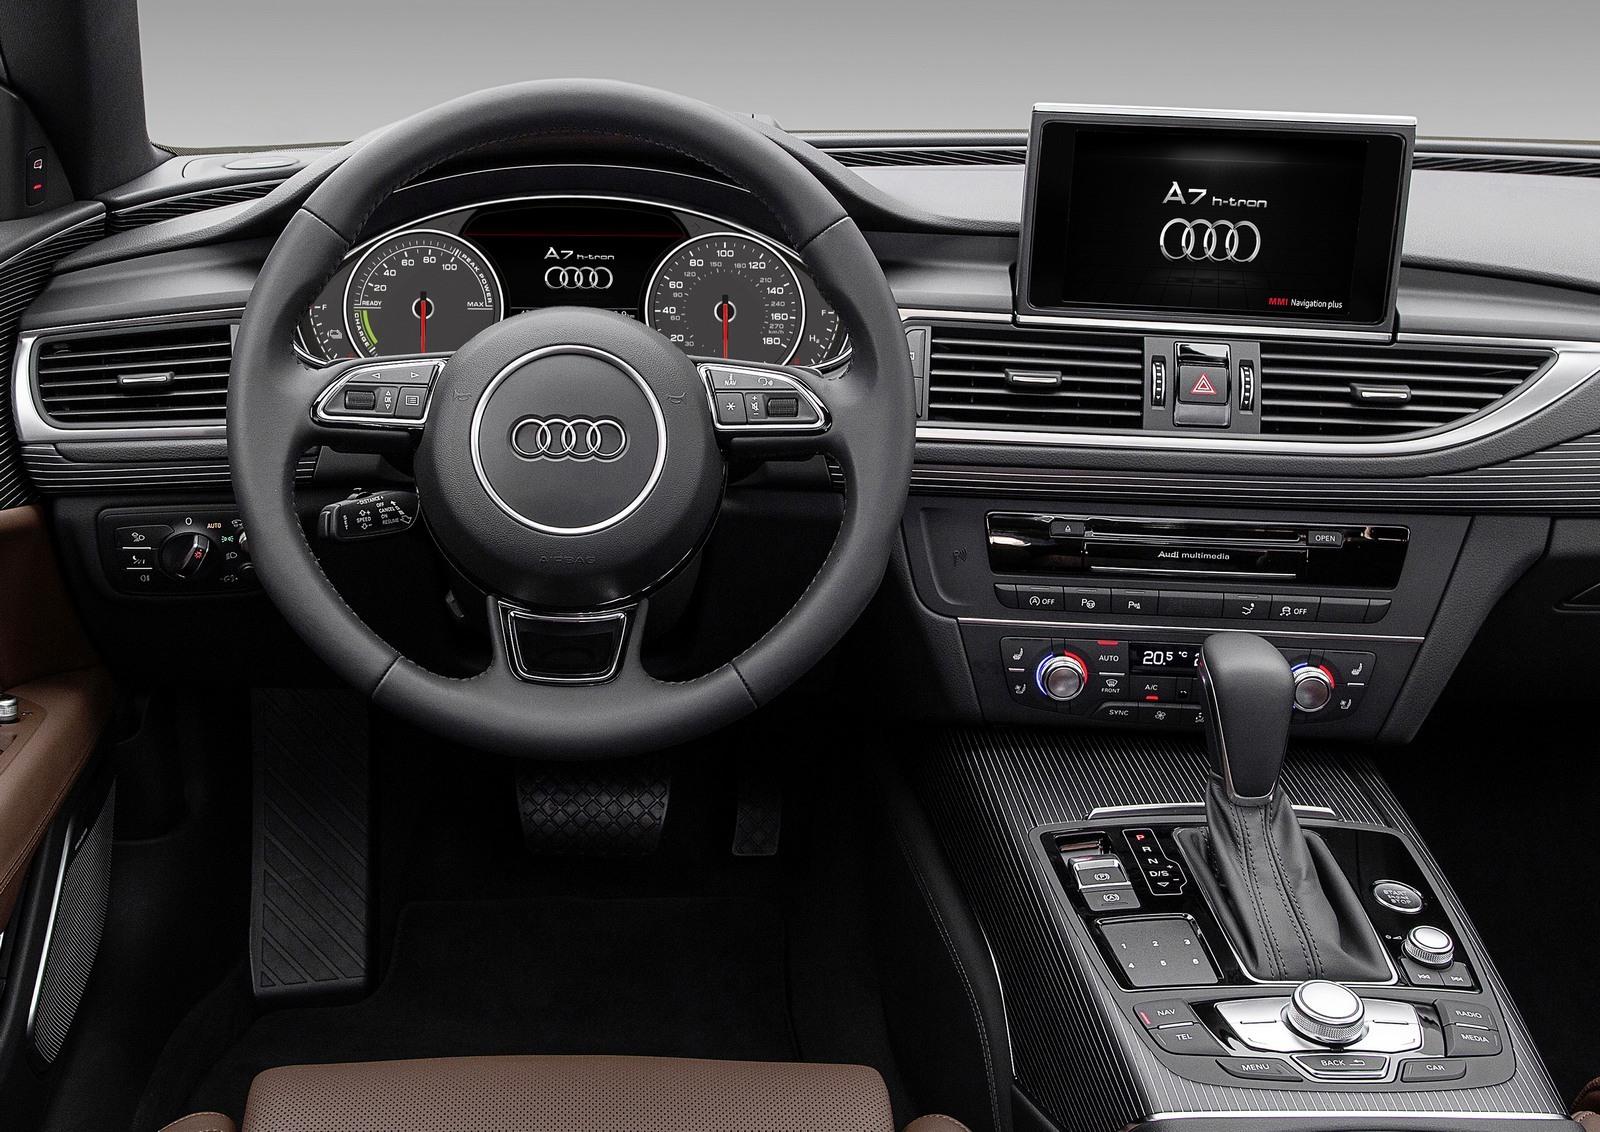 Foto de Audi A7 Sportback h-tron quattro (28/49)